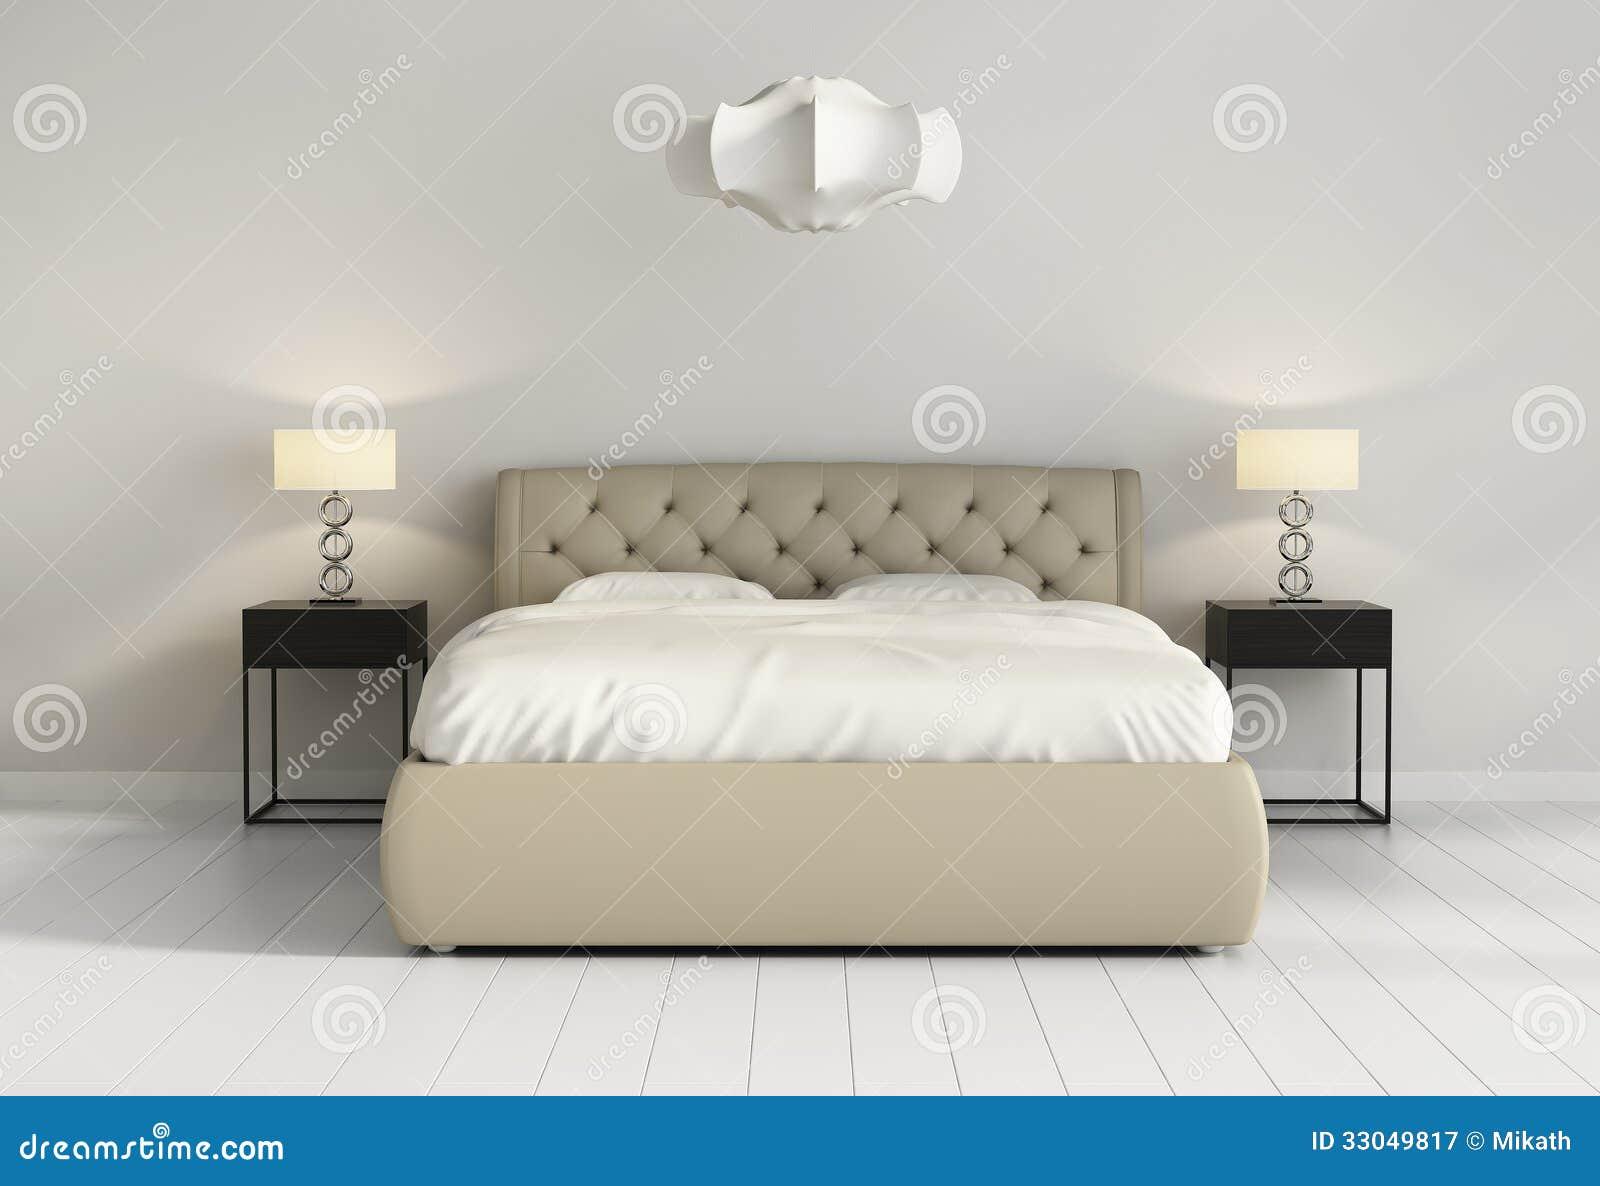 Schickes büscheliges ledernes Bett in der zeitgenössischen schicken Schlafzimmerfront